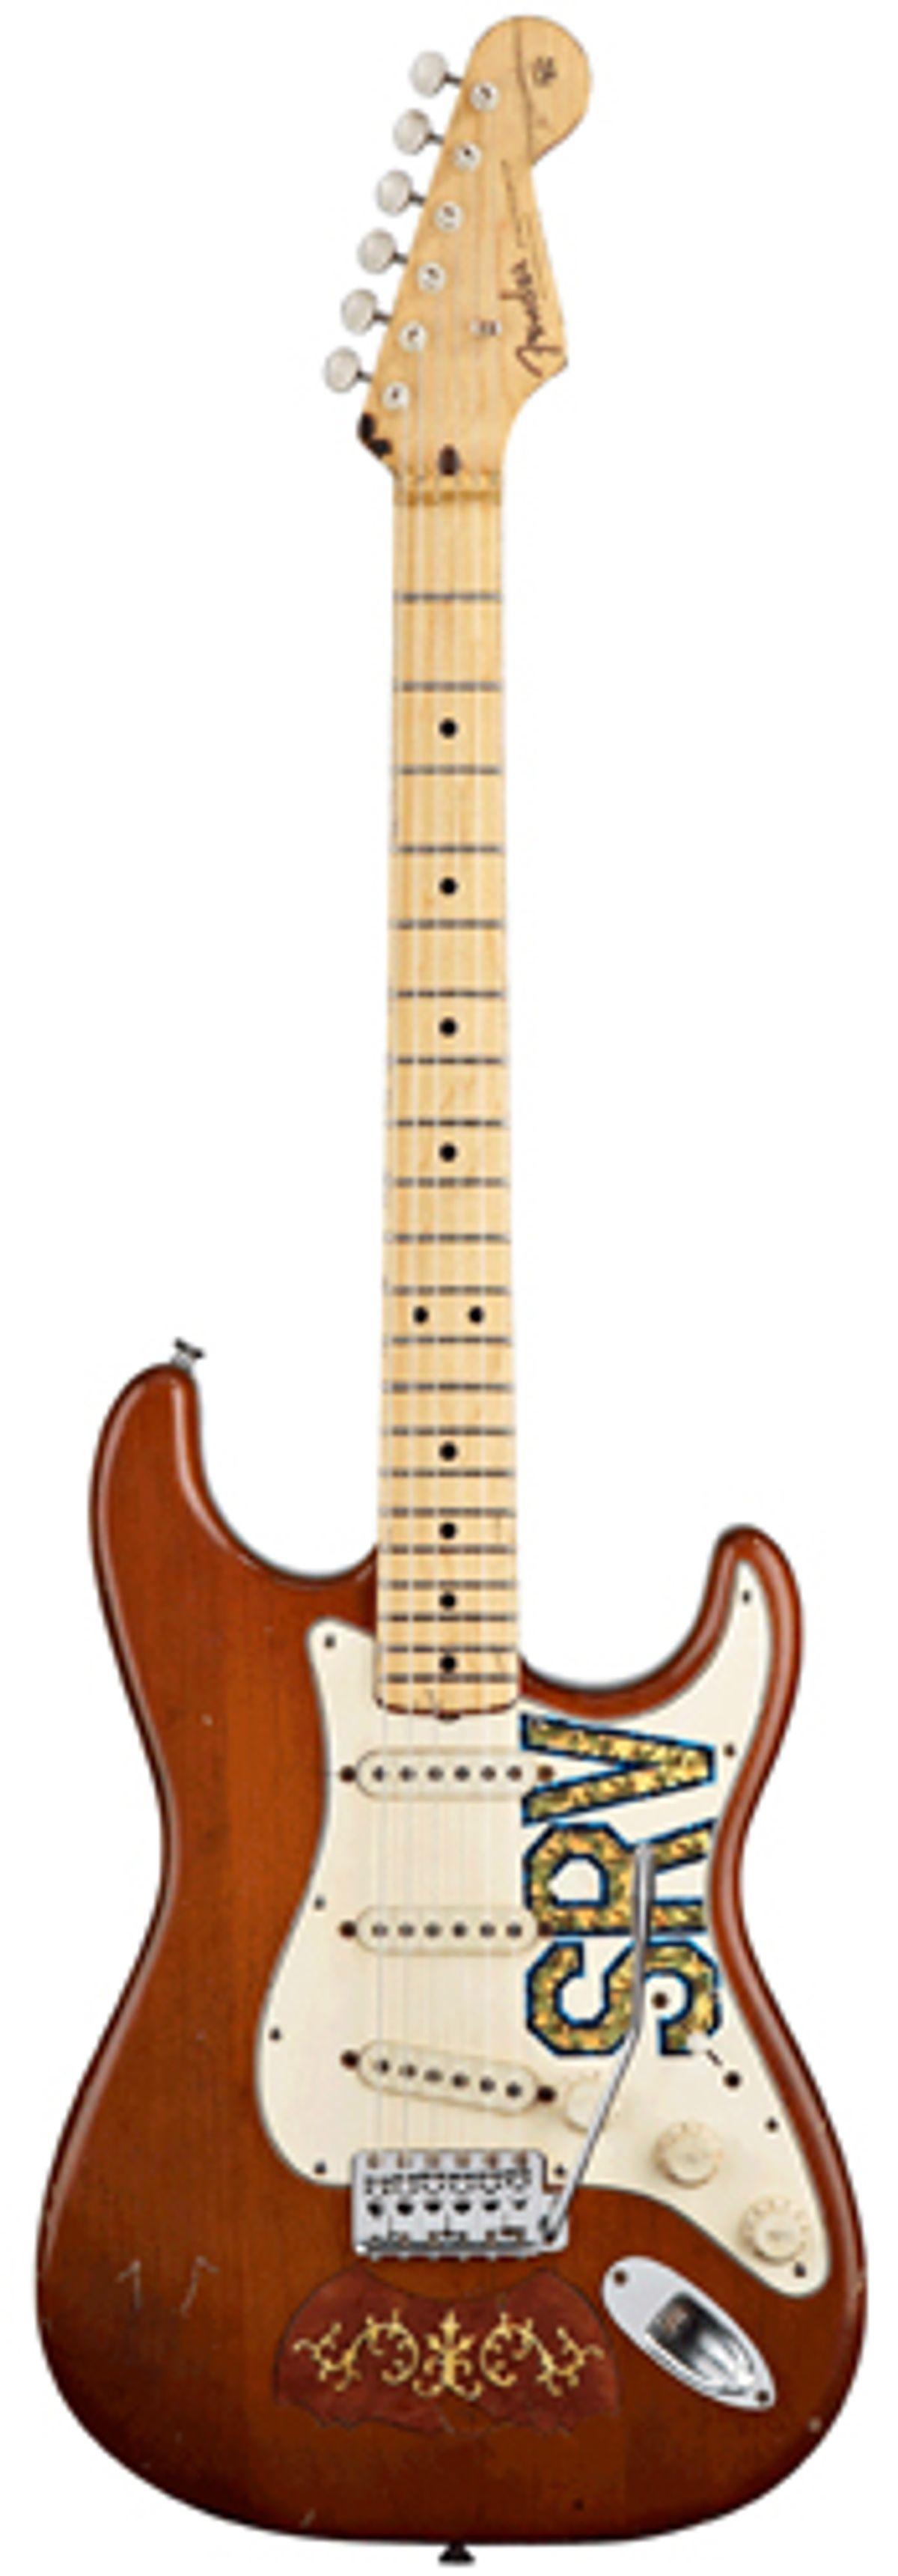 Fender Custom Shop's SRV Lenny